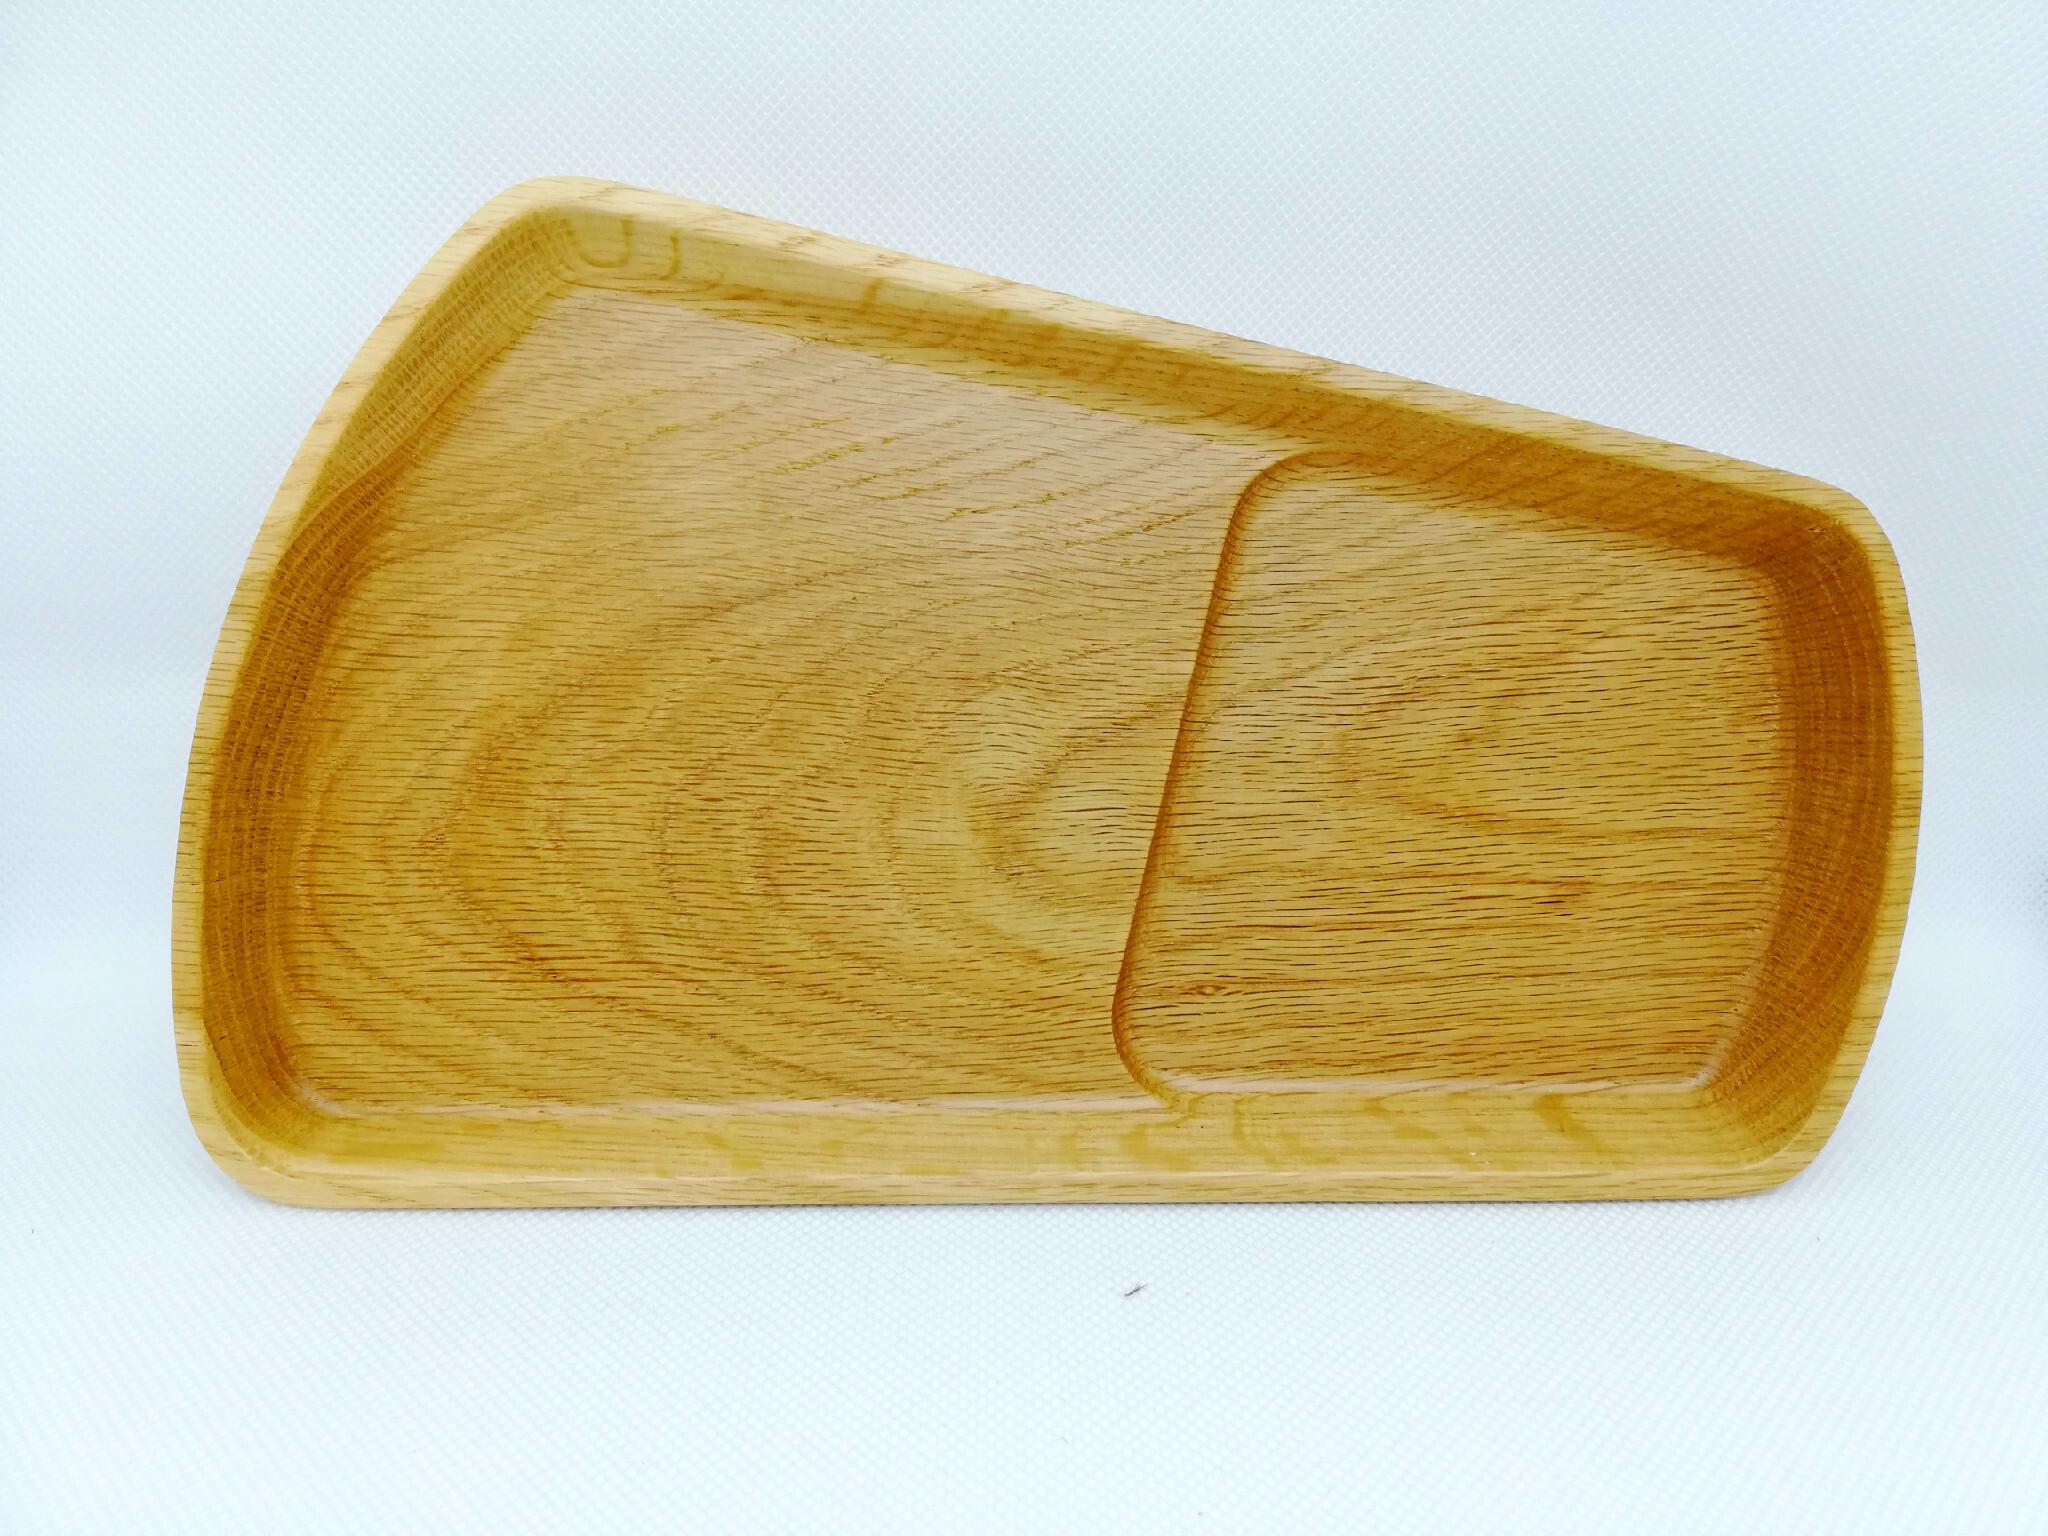 雫木プレート-ナラ(余り木材×トレー)